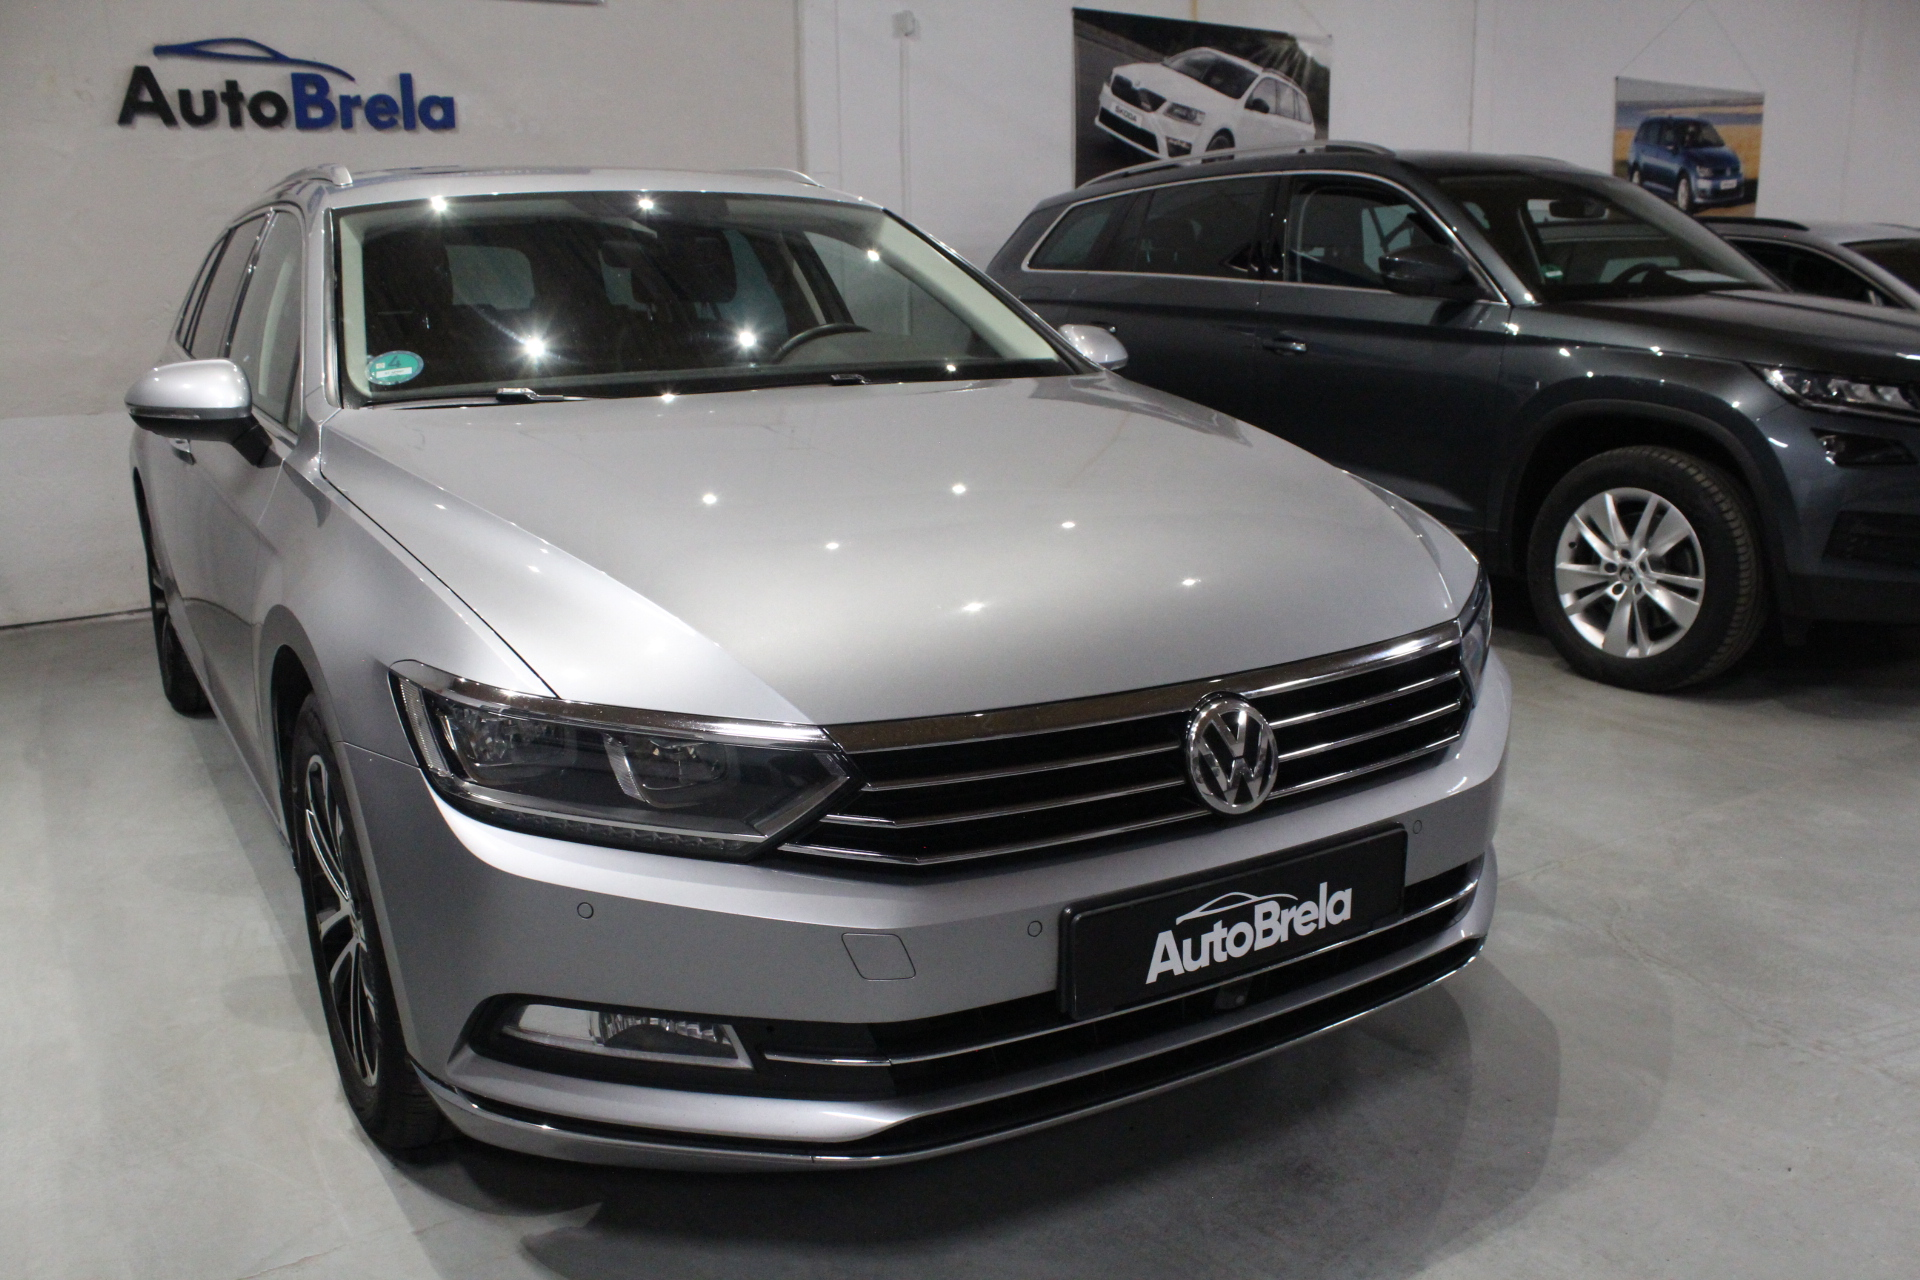 VW Passat B8 2.0 TDI Highline Nezávislé topení Active Info display 12″ Model 2018 - AutoBrela obrázek